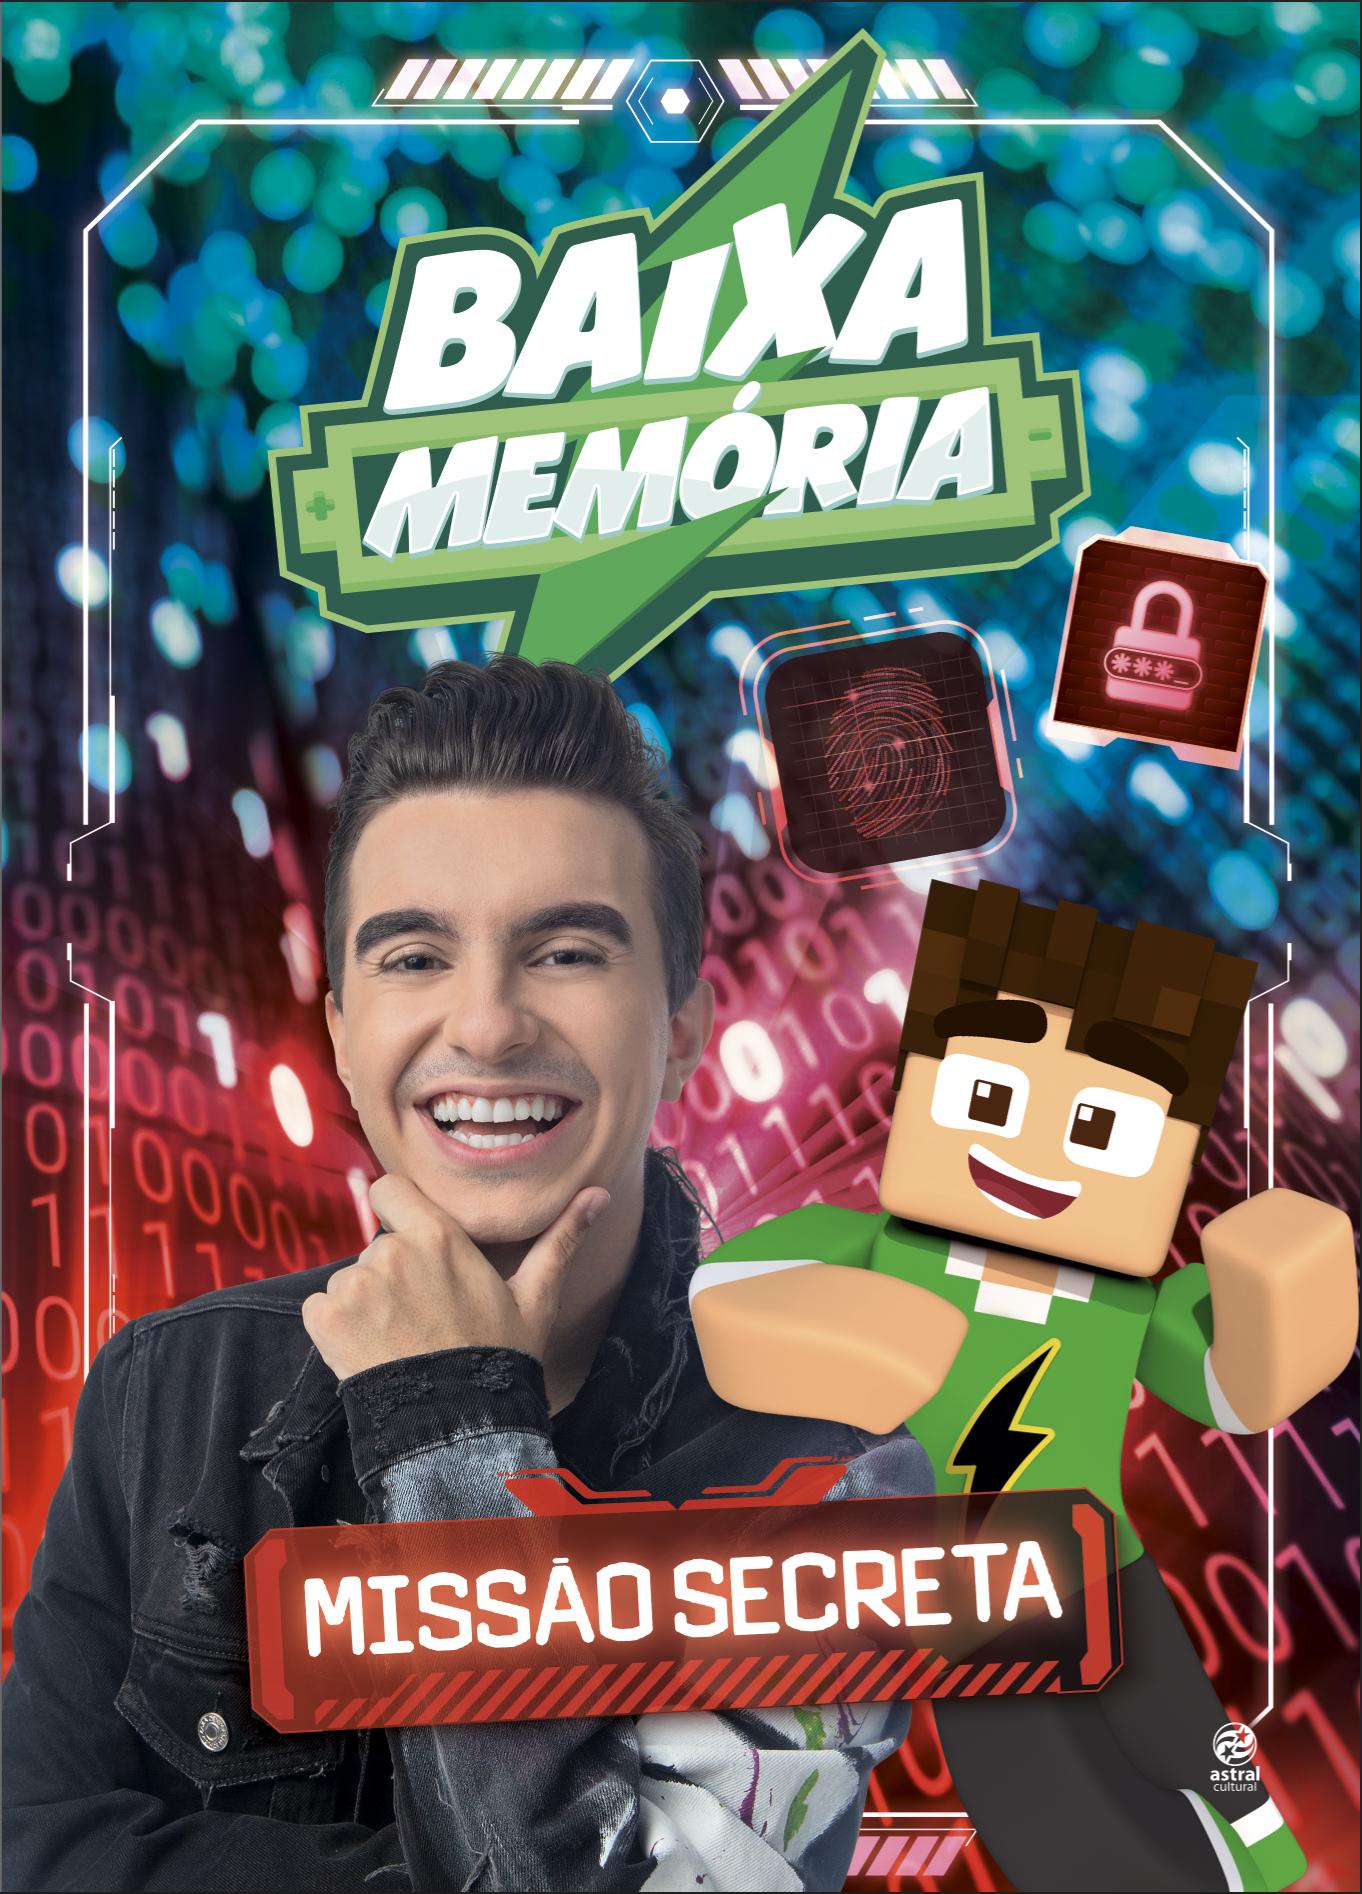 BAIXAMEMORIA - MISSAO SECRETA